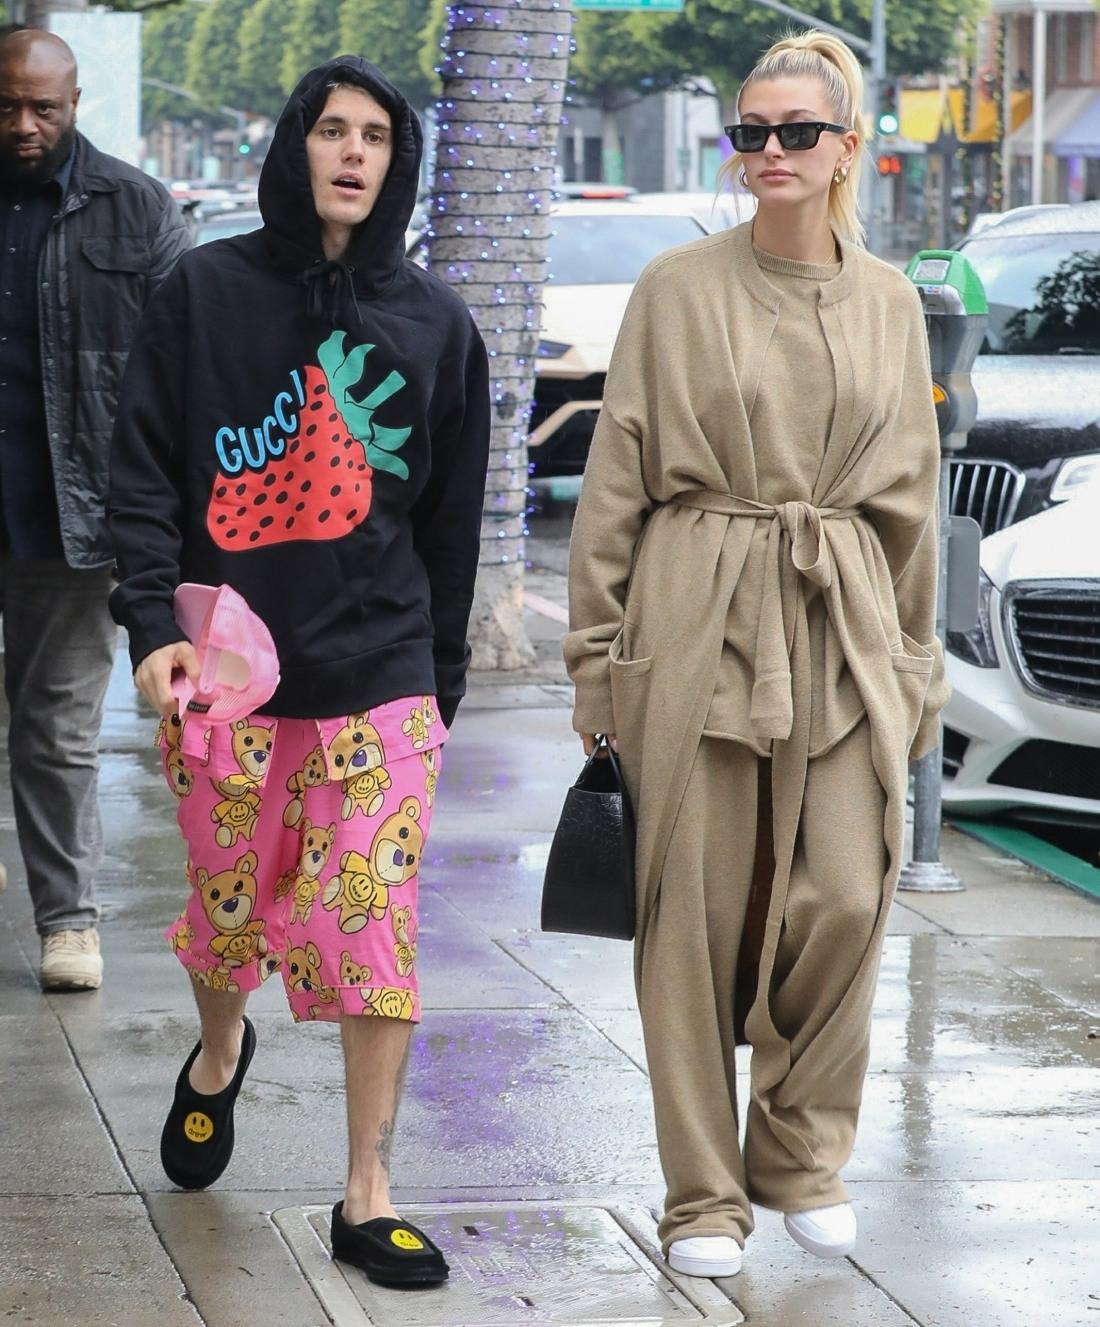 Justin e Hailey Bieber vanno a fare una corsa di caffè in una giornata piovosa